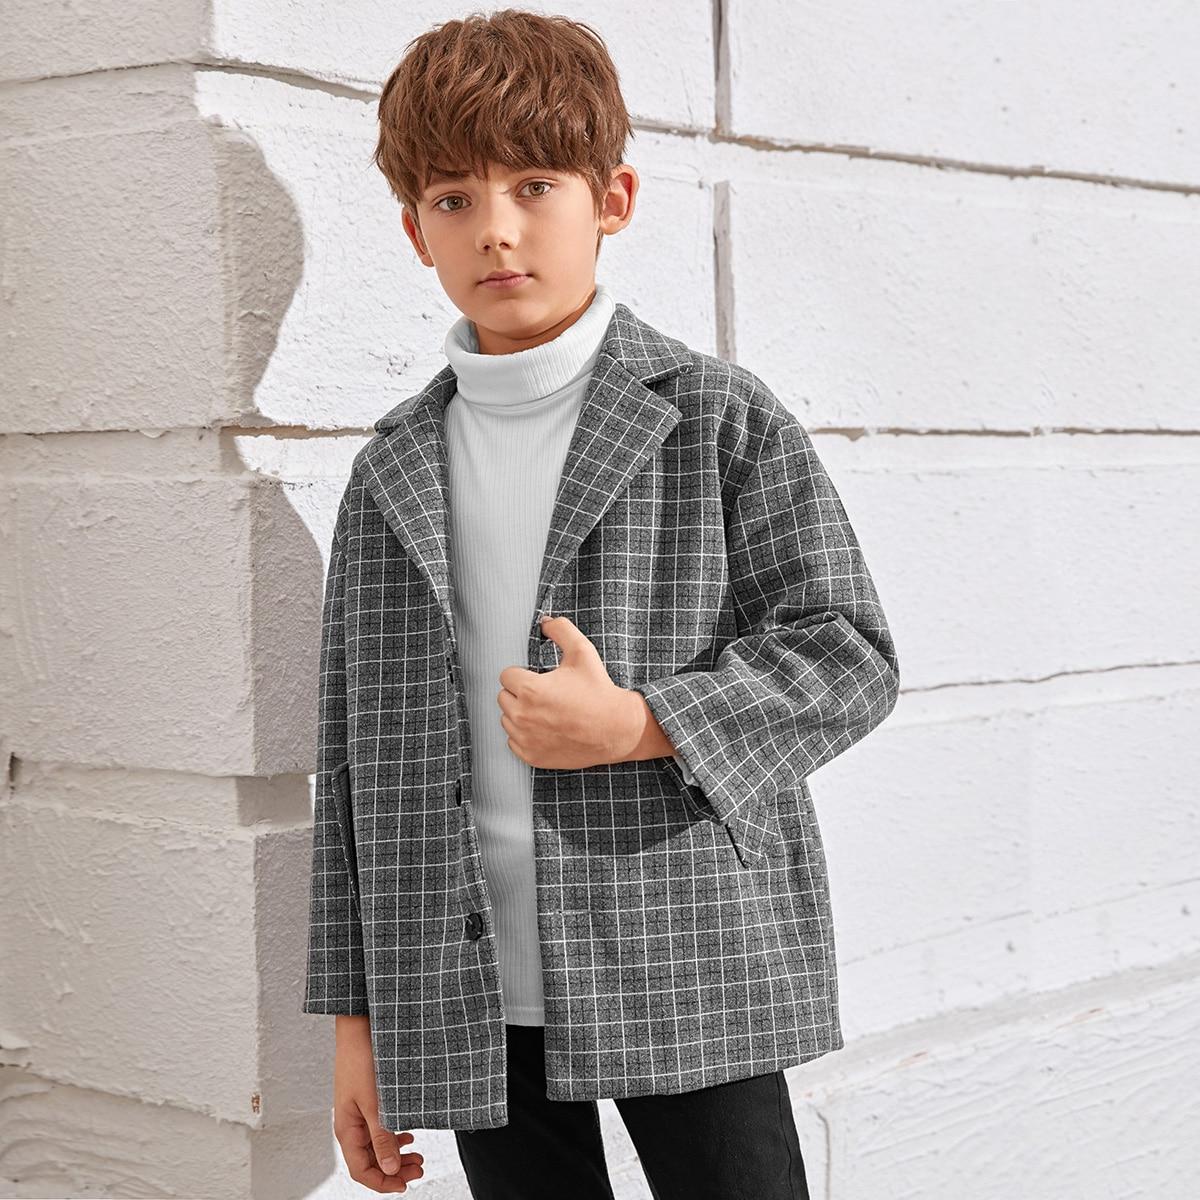 Drop Shoulder einreihiger Mantel mit Karo Muster